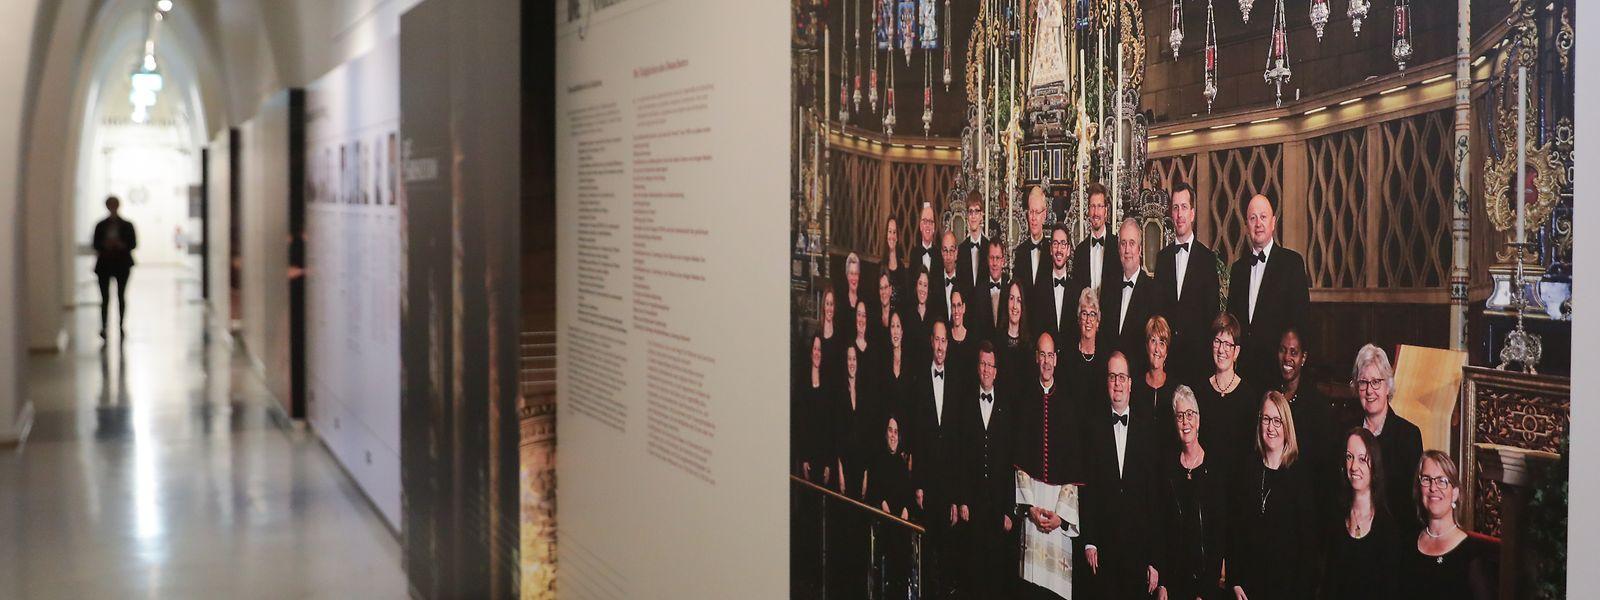 Documents historiques, partitions anciennes, extraits de concerts, panneaux d'explication: tout est mis en œuvre pour faire le portrait de la chorale.